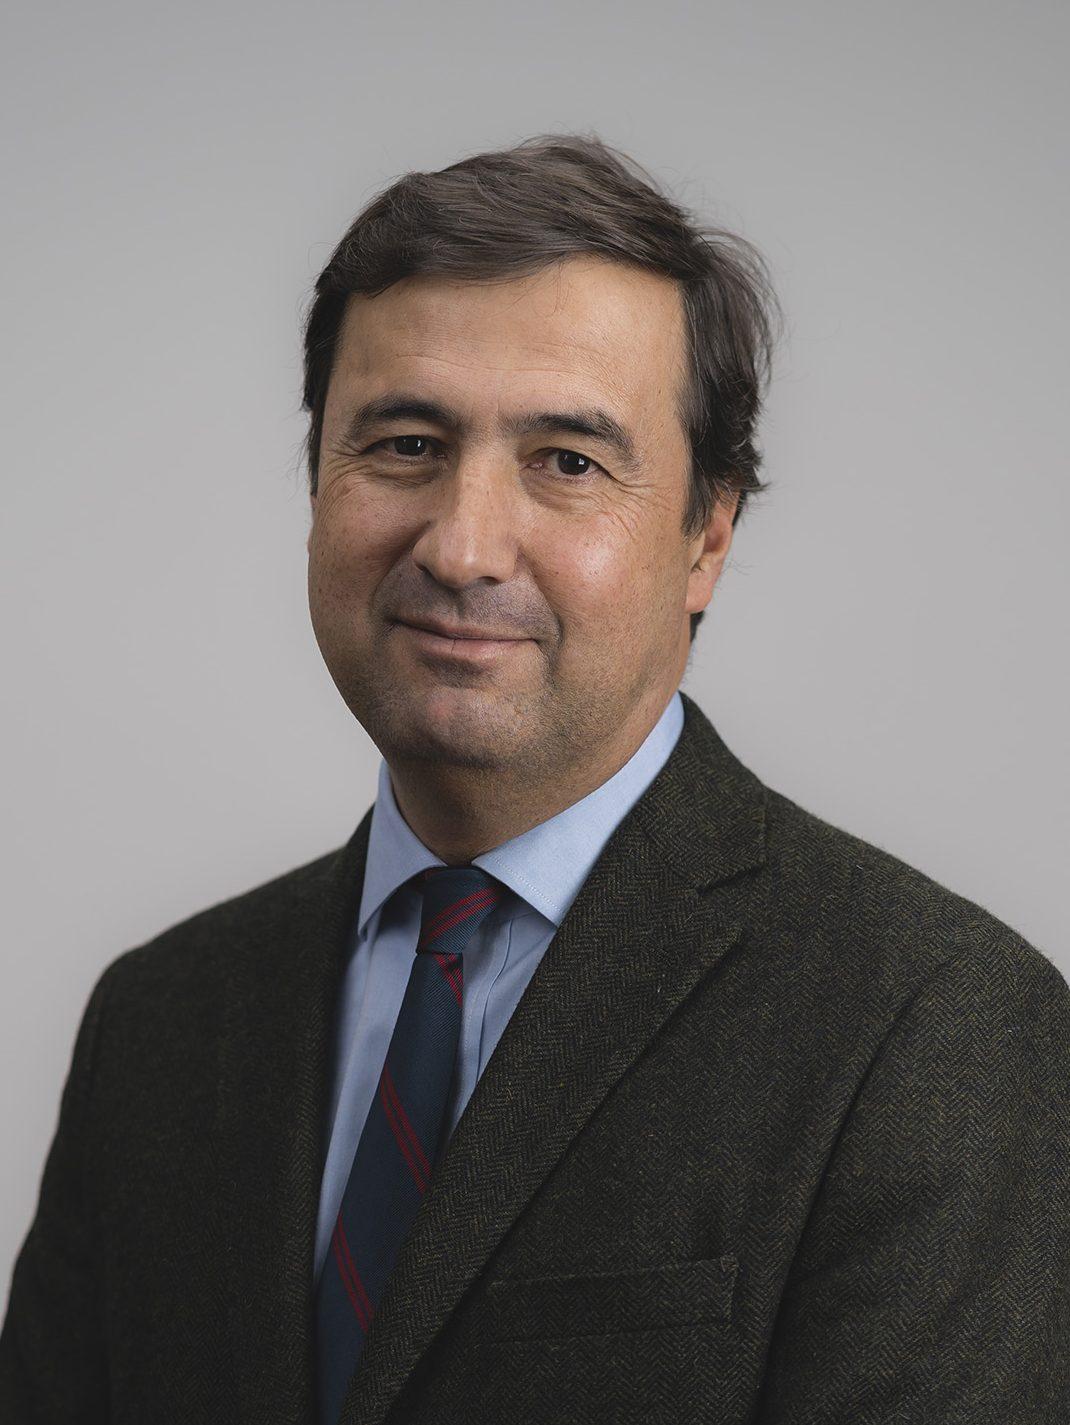 José Núñez Armendáriz